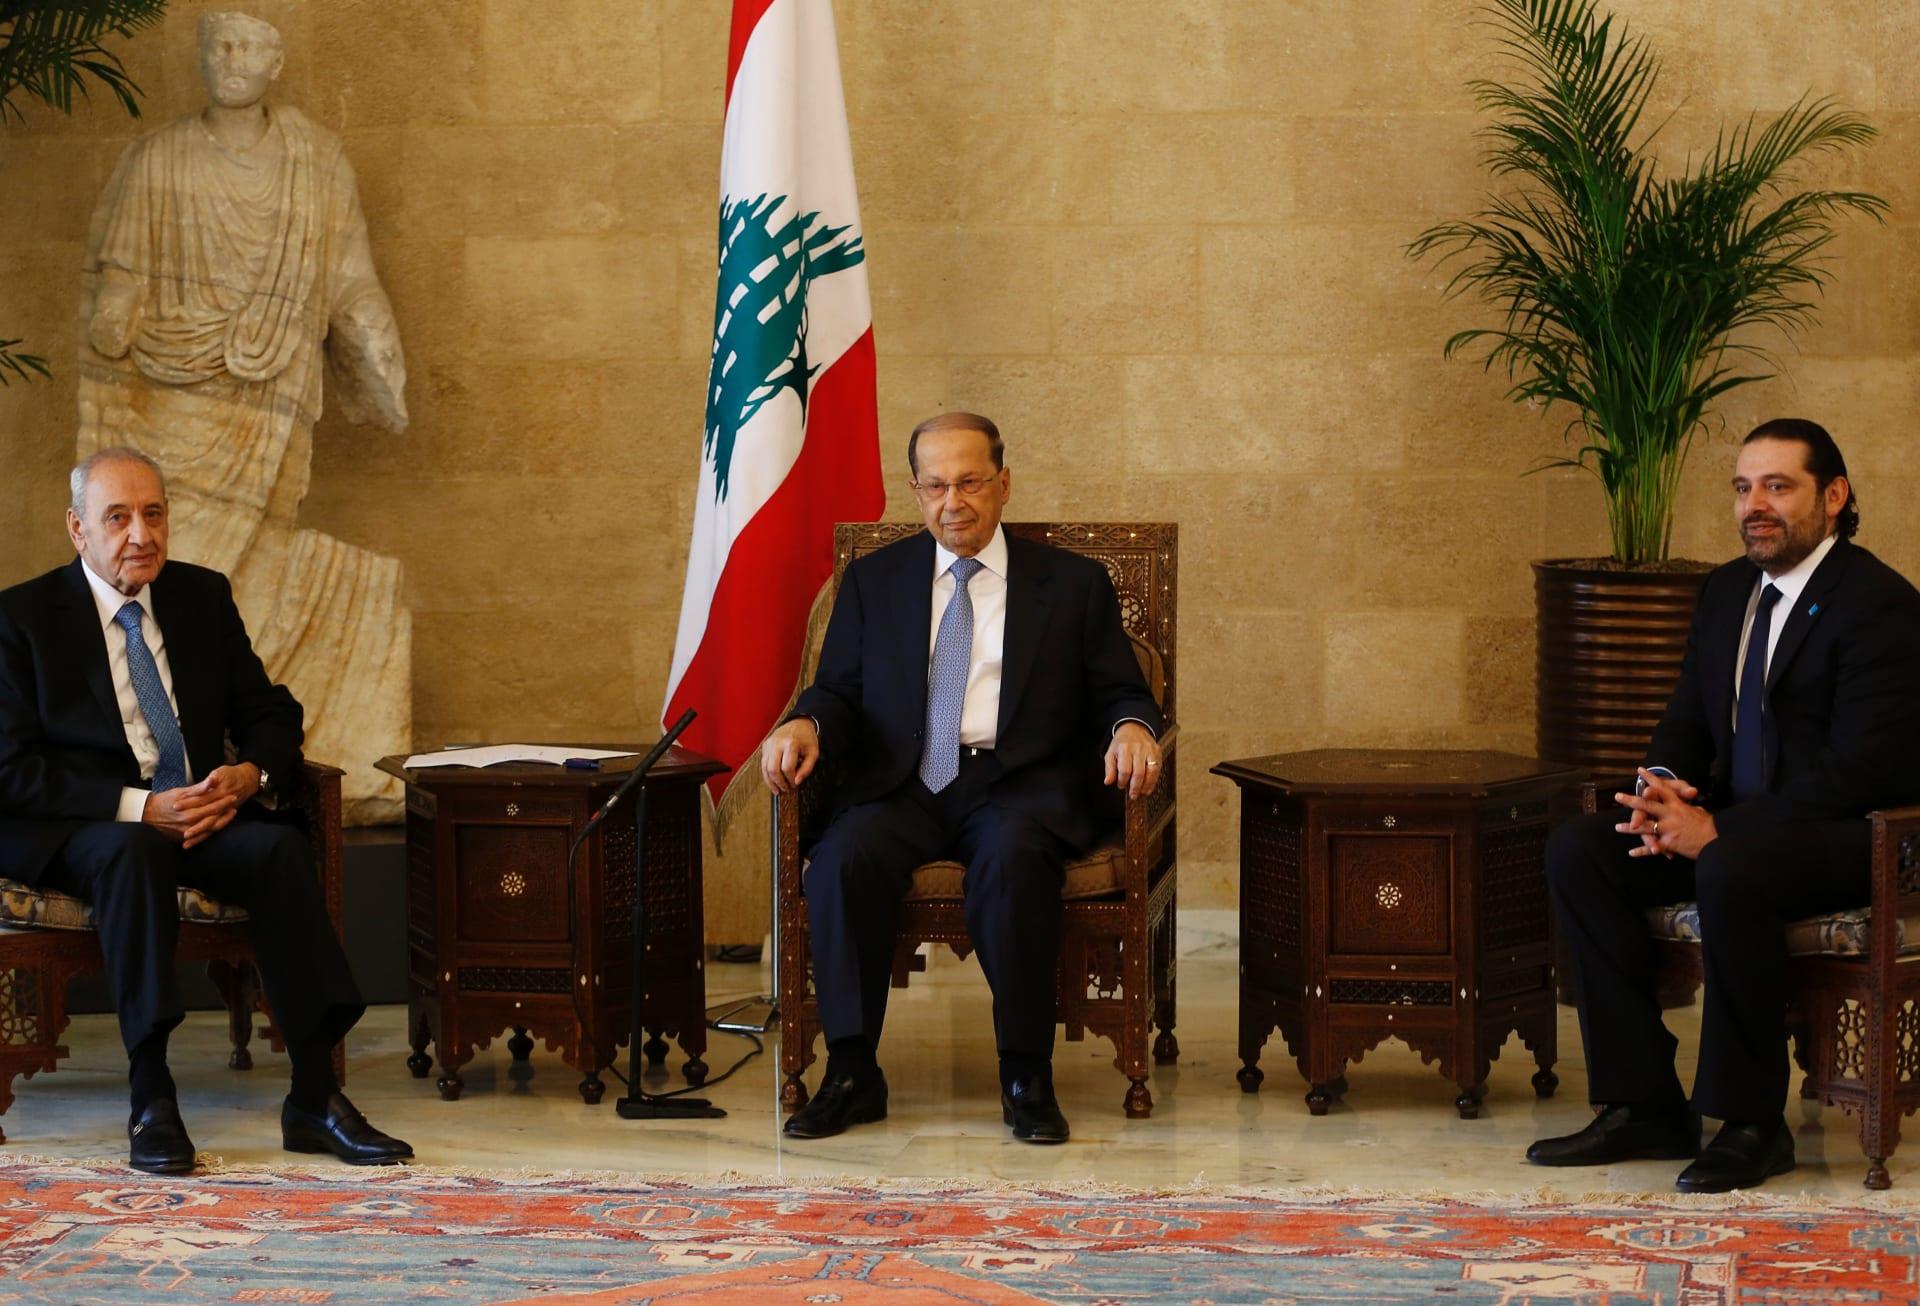 الحريري يرد عبر تويتر على اعتبار عون له محتجزا: سأعود وسترون